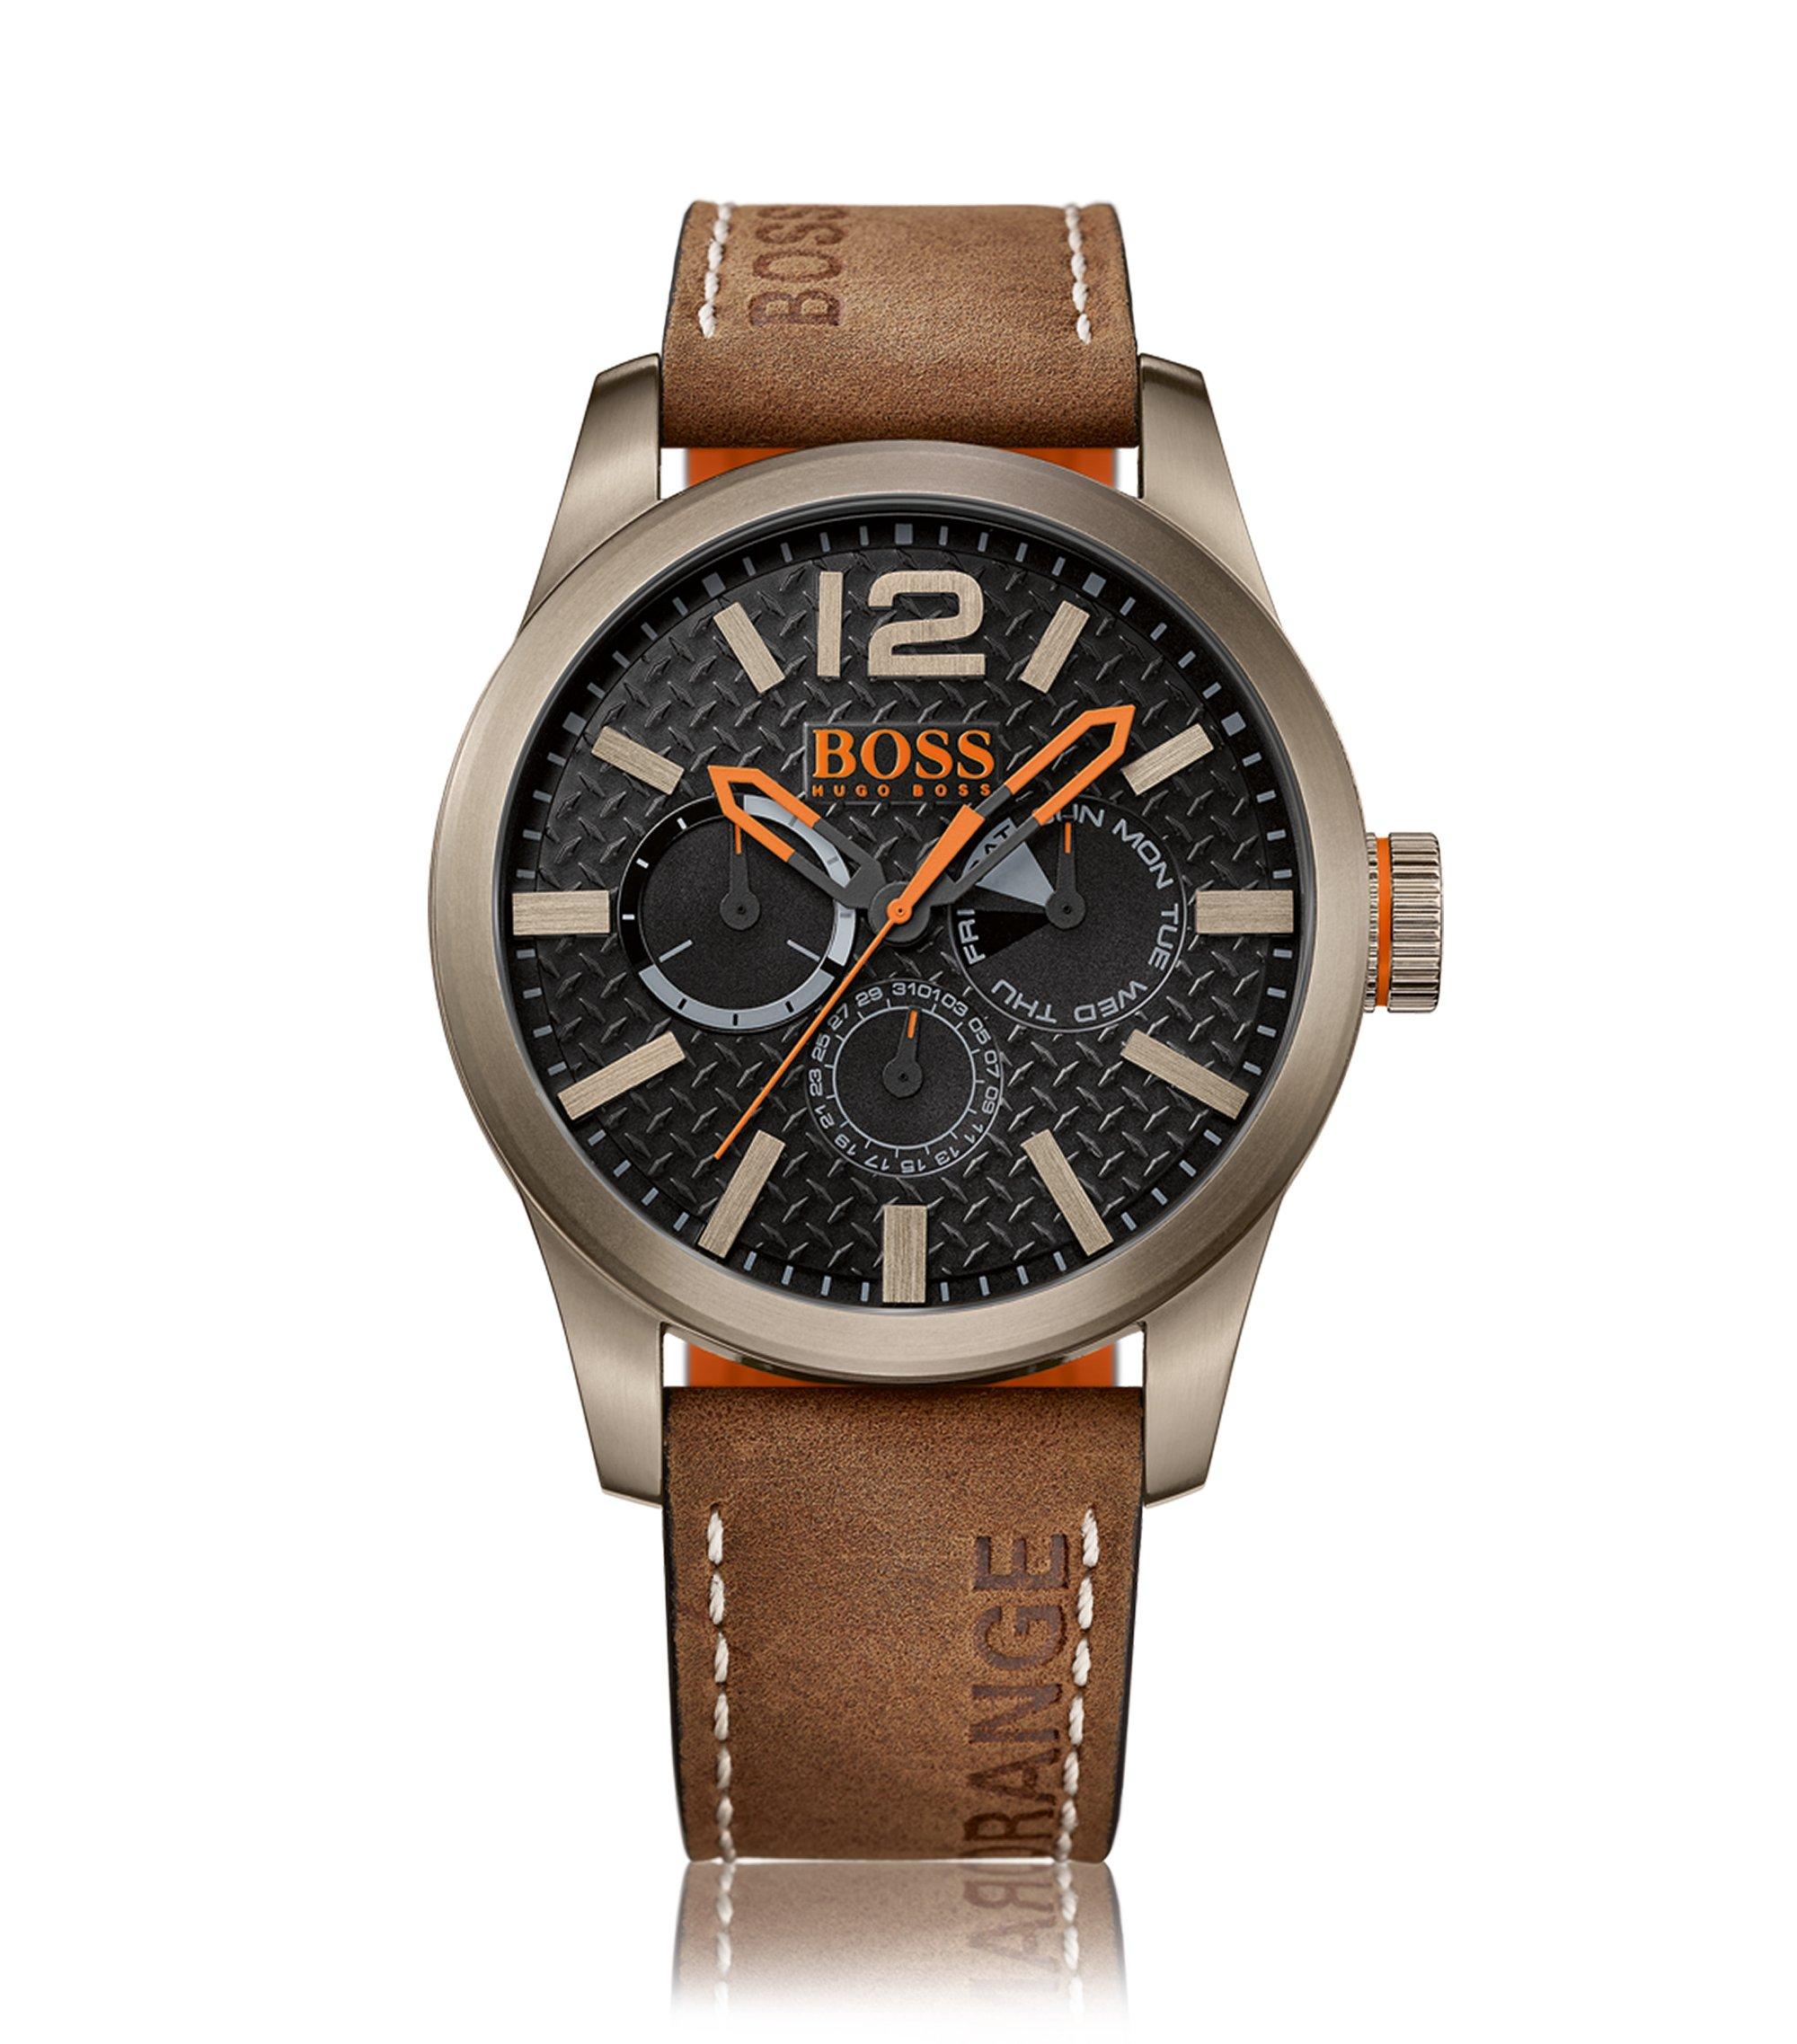 Uhr aus Edelstahl mit Totalisatoren, strukturiertem Zifferblatt und Armband aus Nubukleder, Braun